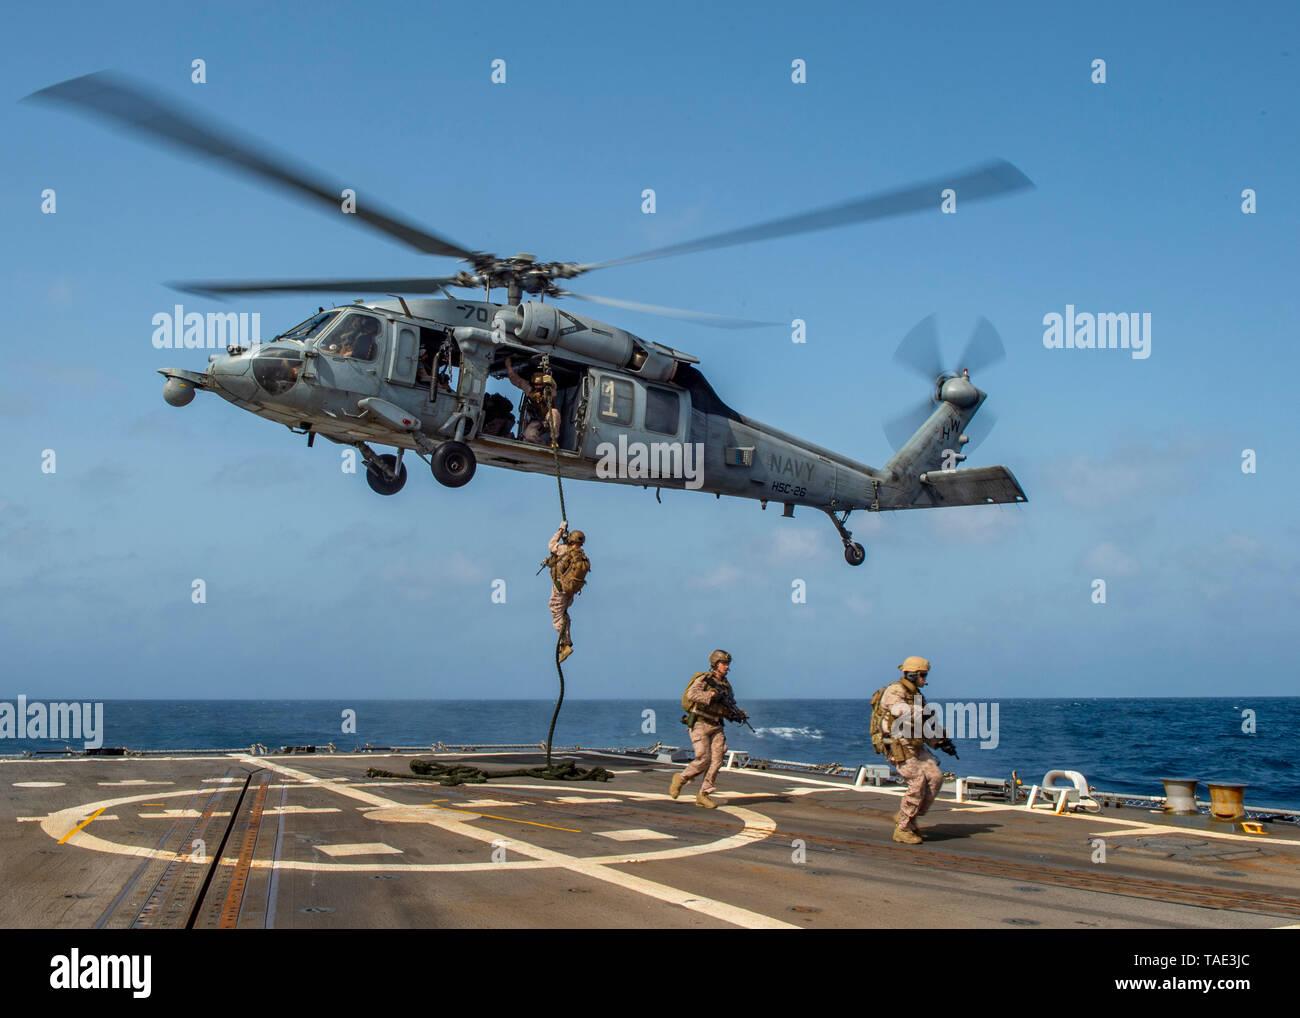 """190518-N-SS350-1054 Mar Arábigo (18 de mayo de 2019), los infantes de Marina asignados a la 22ª Unidad Expedicionaria de los Infantes de Marina (MEU) fast-cuerda de un MH-60 Mar helicóptero Halcón, asignados a los """"cargadores"""" de Mar escuadrón de helicópteros de combate (HSC) 26, en la cubierta de vuelo de la clase Arleigh Burke de misiles guiados destructor USS Bainbridge (DDG 96) durante una visita, junta, búsqueda e incautación de formación. El Abraham Lincoln Carrier Strike Group (ABECSG) y KAARSARGE Amphibious disposición Group (KSGARG) están realizando operaciones conjuntas en los EE.UU. 5ª zona de operaciones de la flota. El KSGARG ABECSG y, con la 22ª MEU, se prepar Imagen De Stock"""